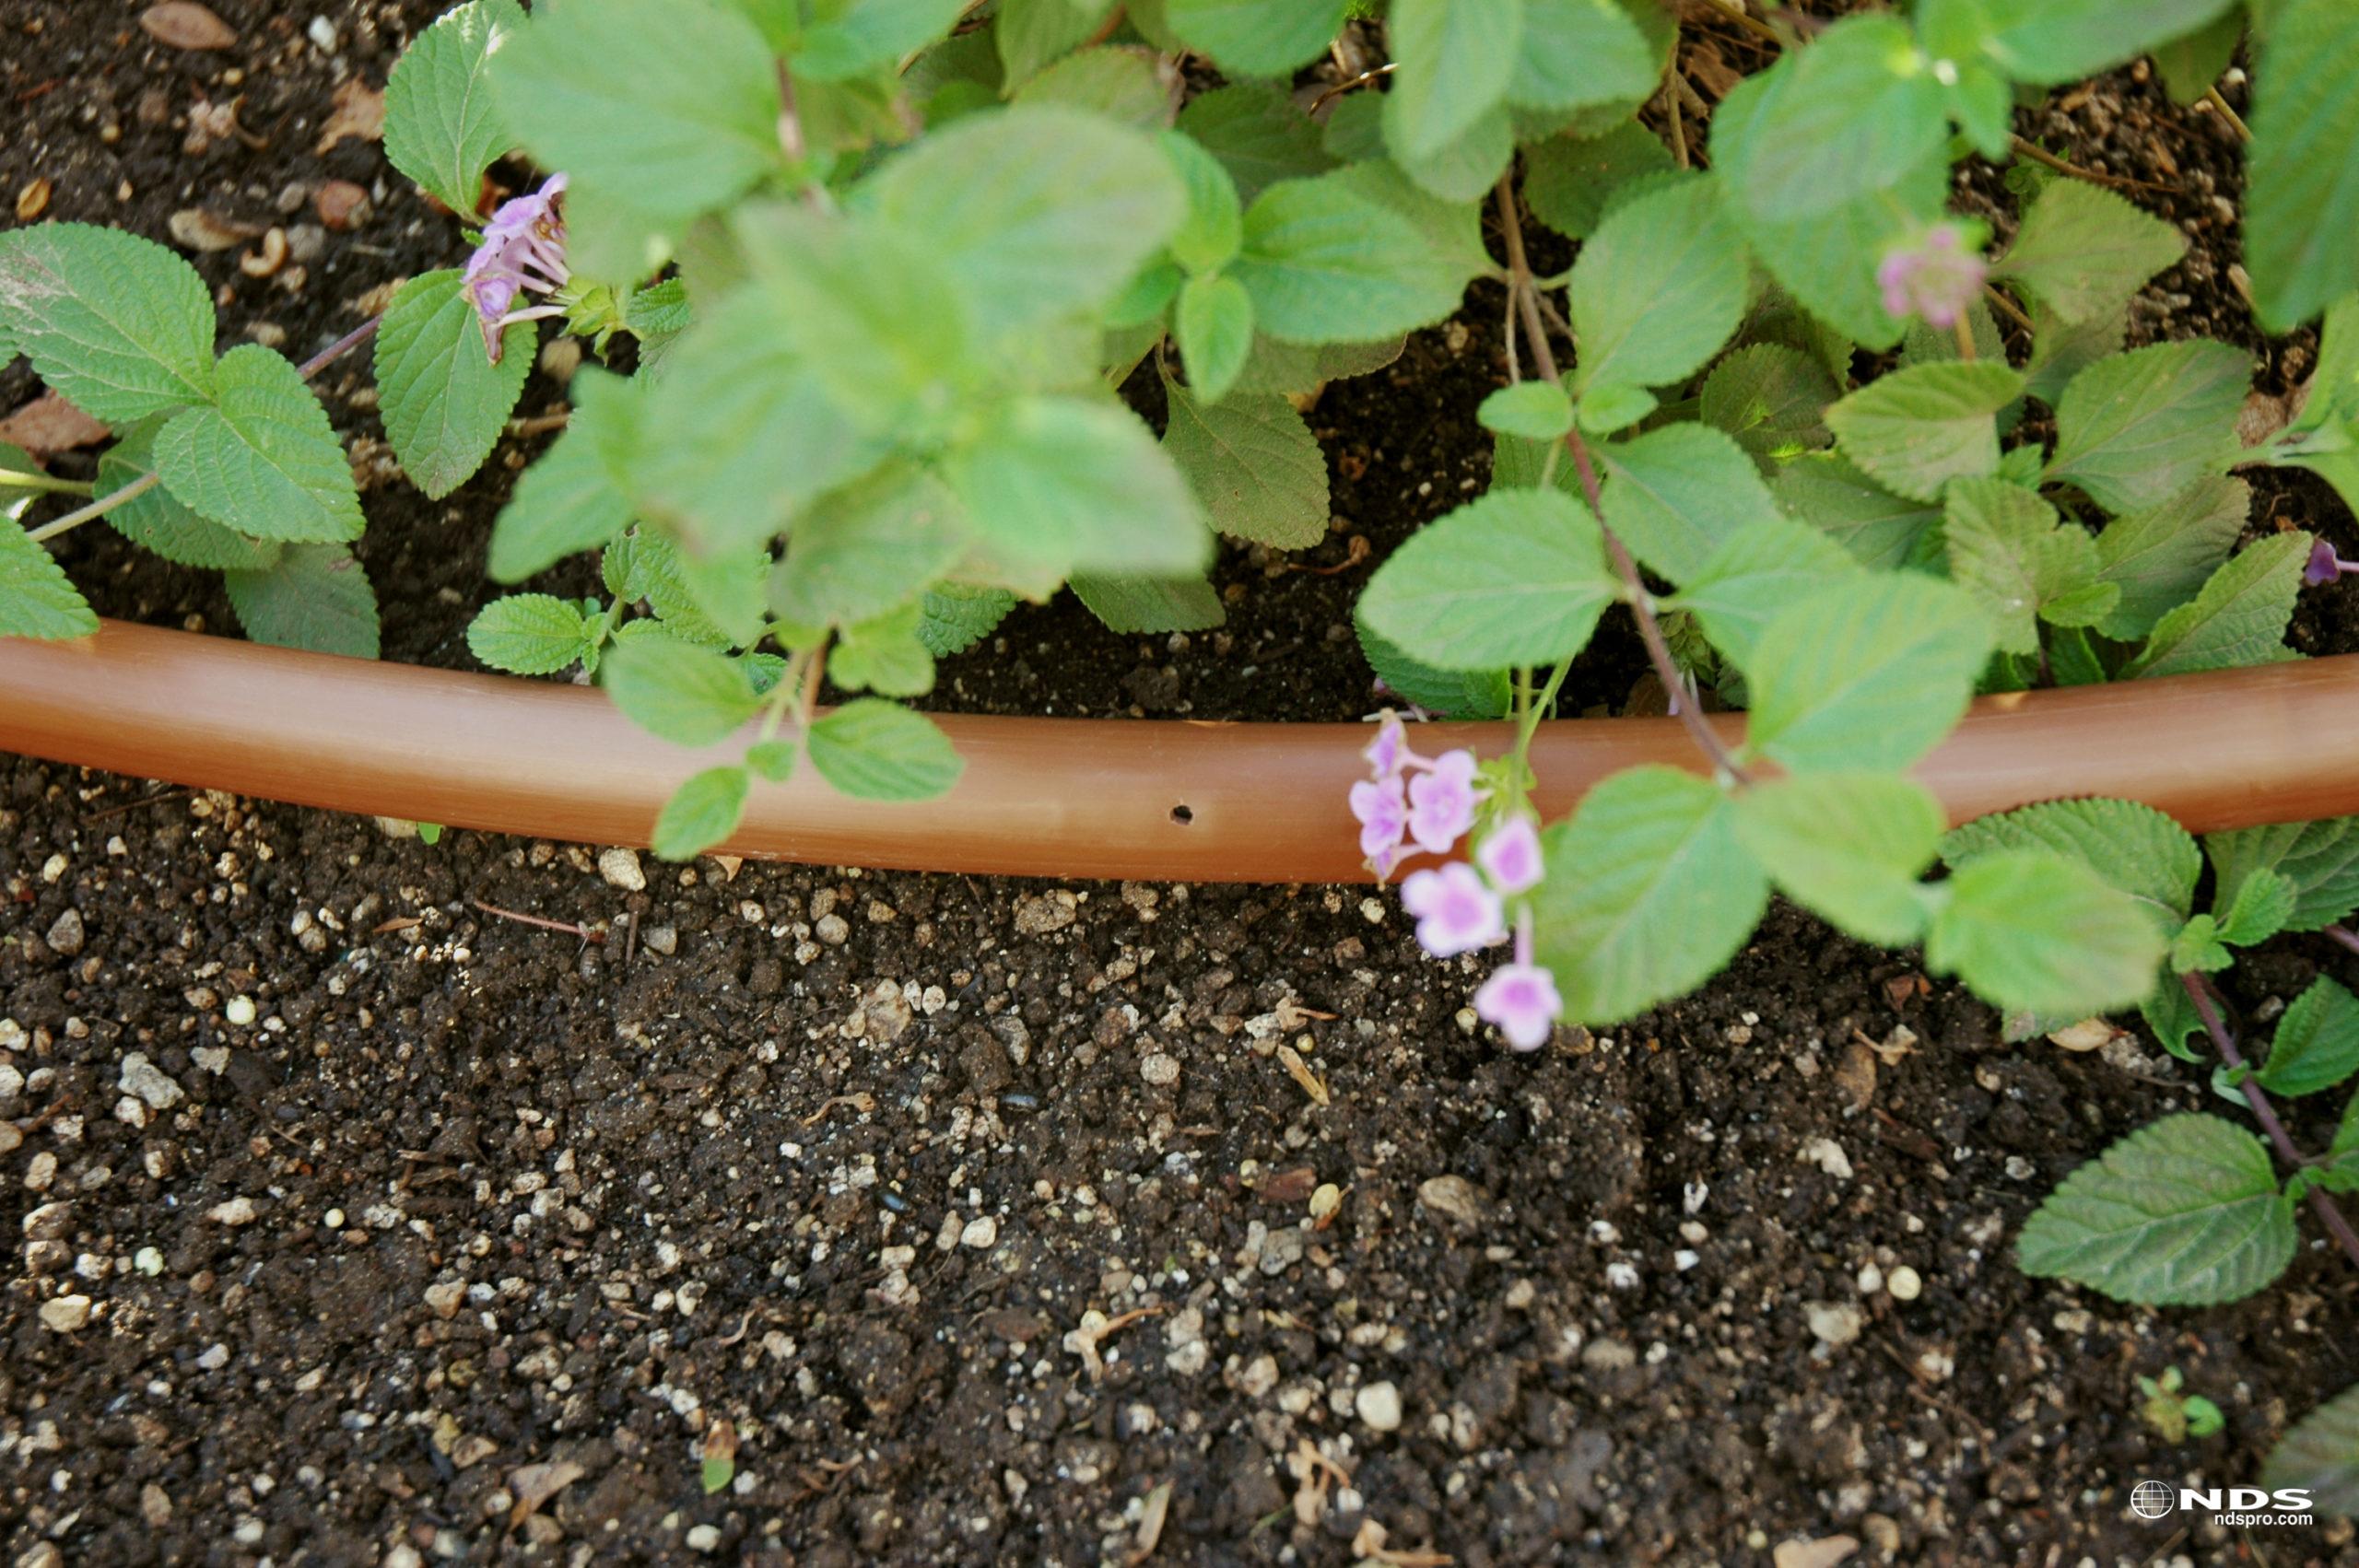 Eine Tropfleitung für eine effiziente und ressourcenschonende Bewässerung